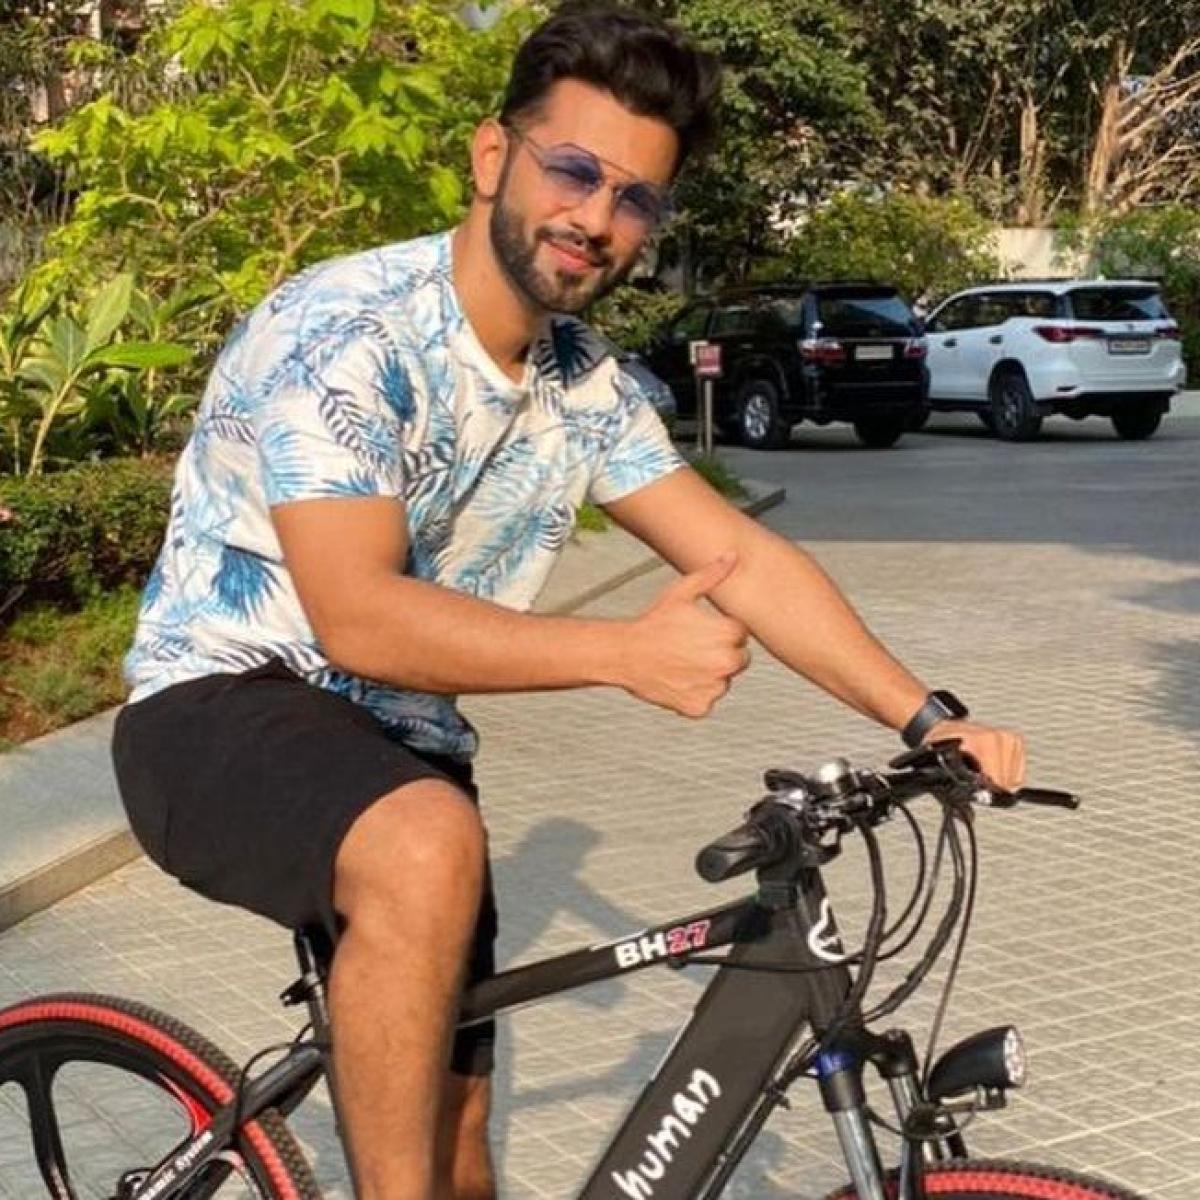 Salman Khan gifts 'Bigg Boss 14' runner-up Rahul Vaidya e-cycle worth Rs 54,000